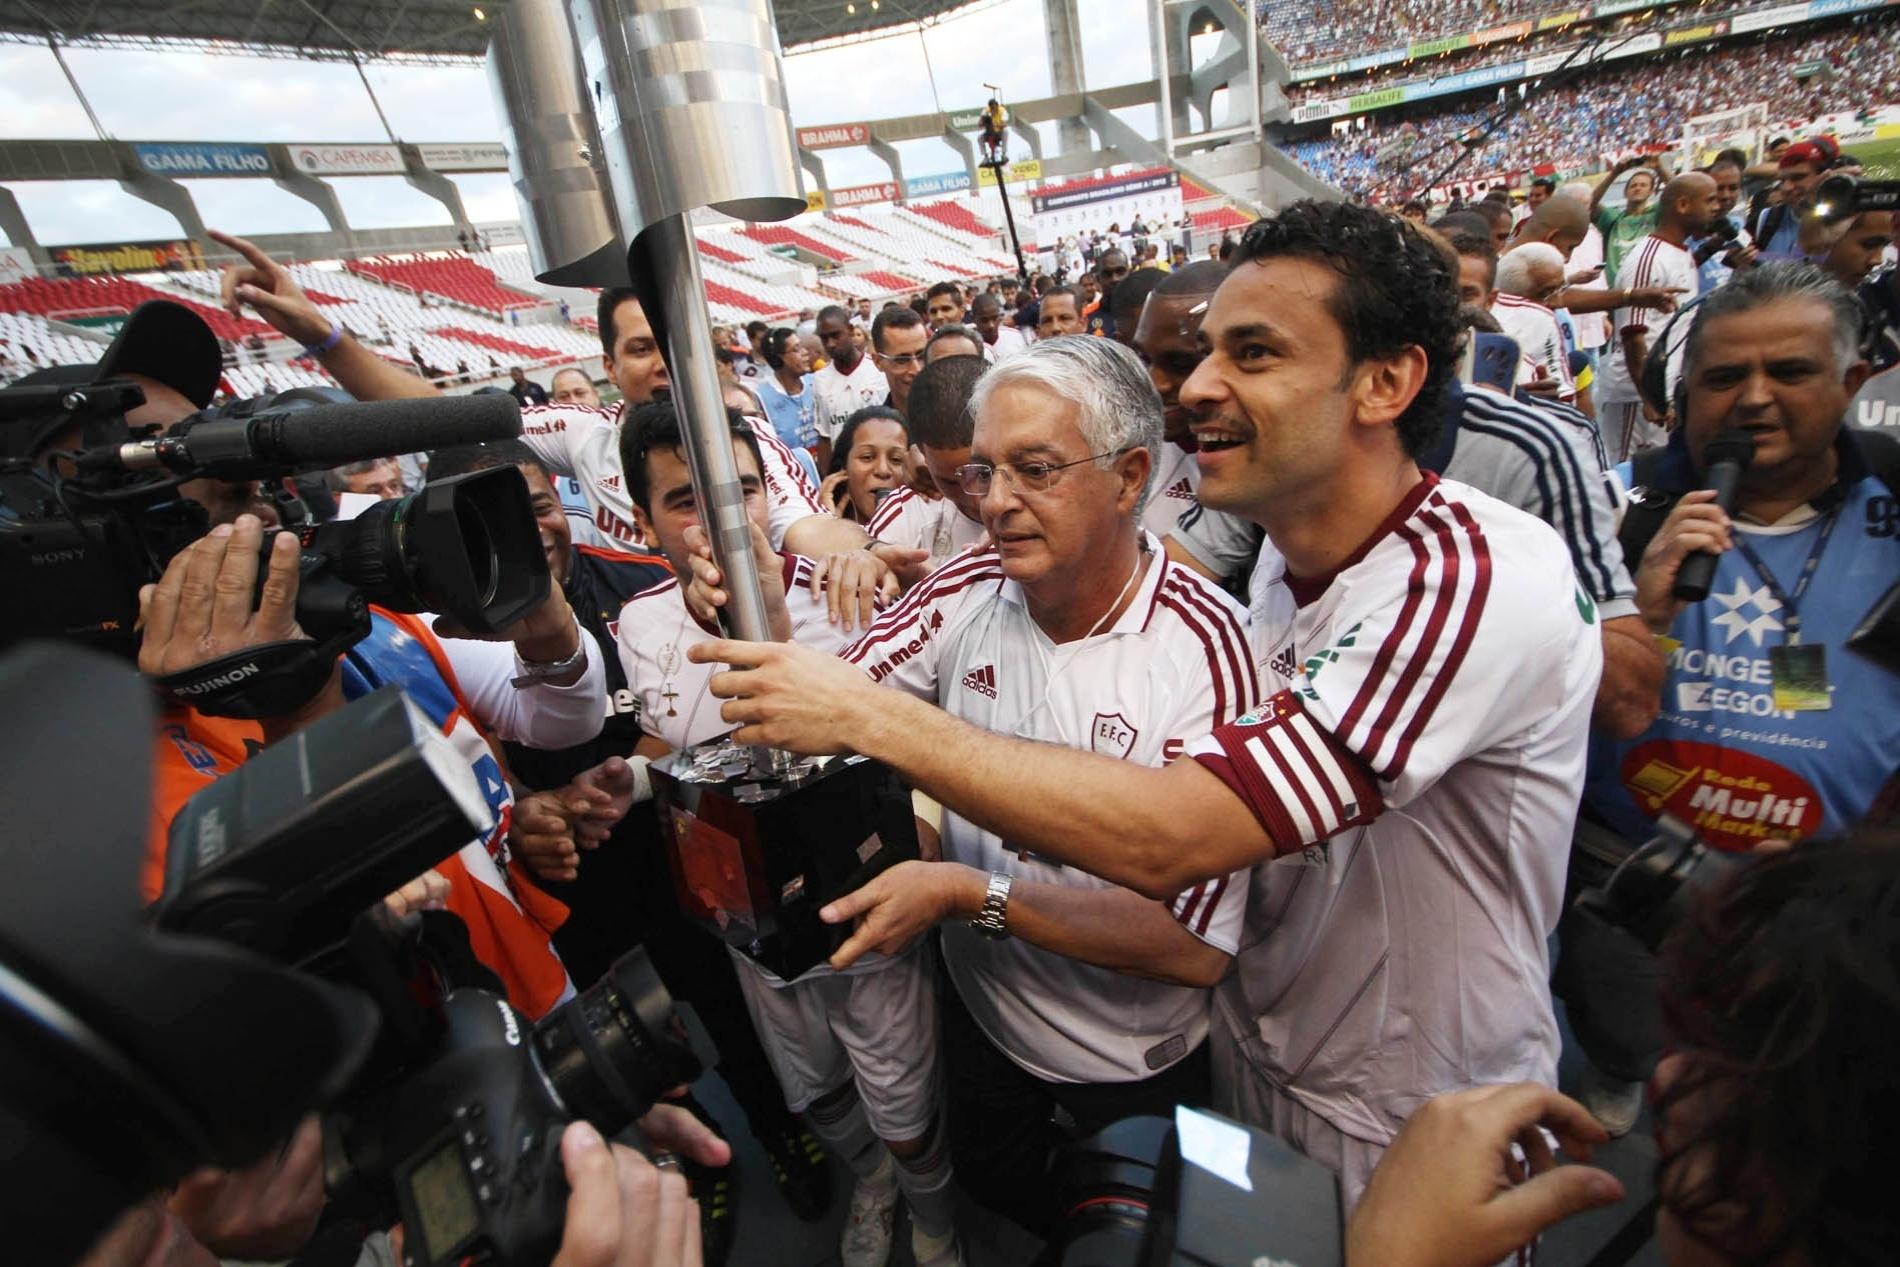 Veja o que mudou no Fluminense durante os 15 anos de parceria com a Unimed  - Esporte - BOL 03ae97fc8c253